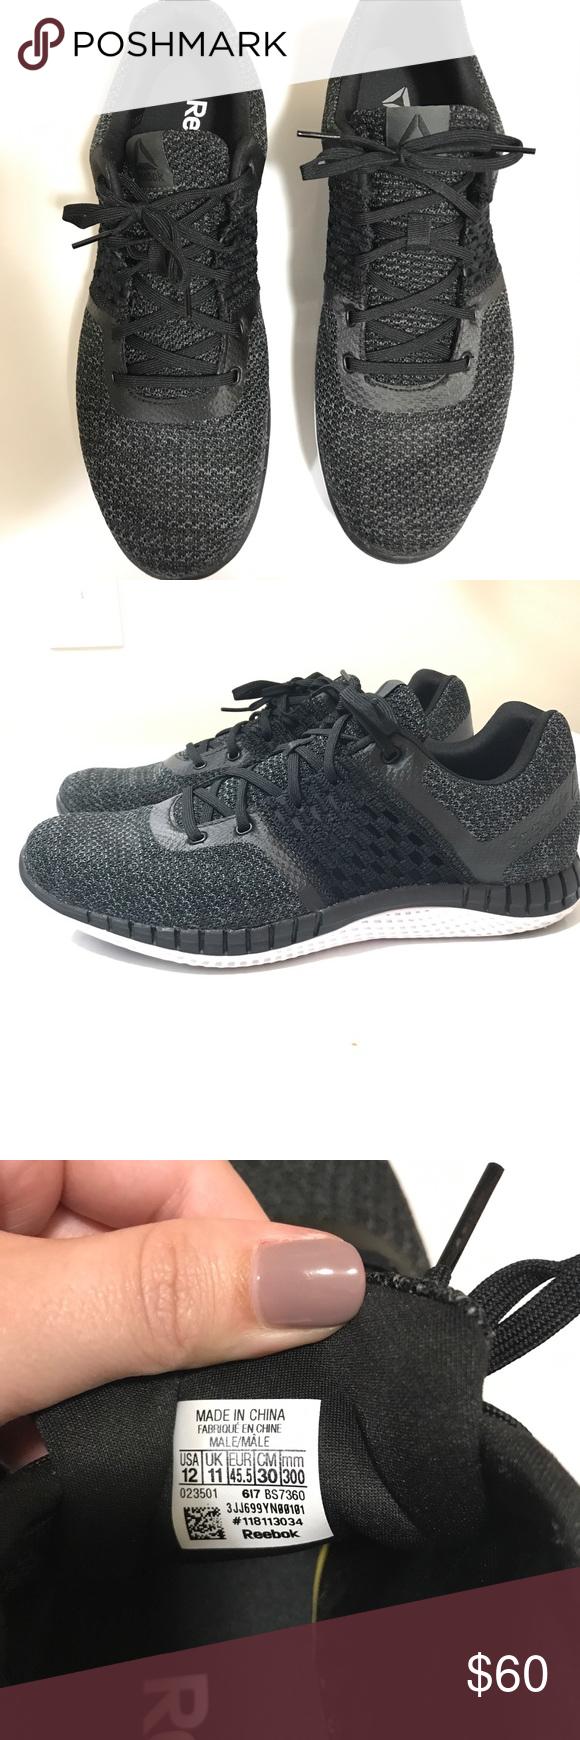 Reebok Mens size 12 Tennis Shoes